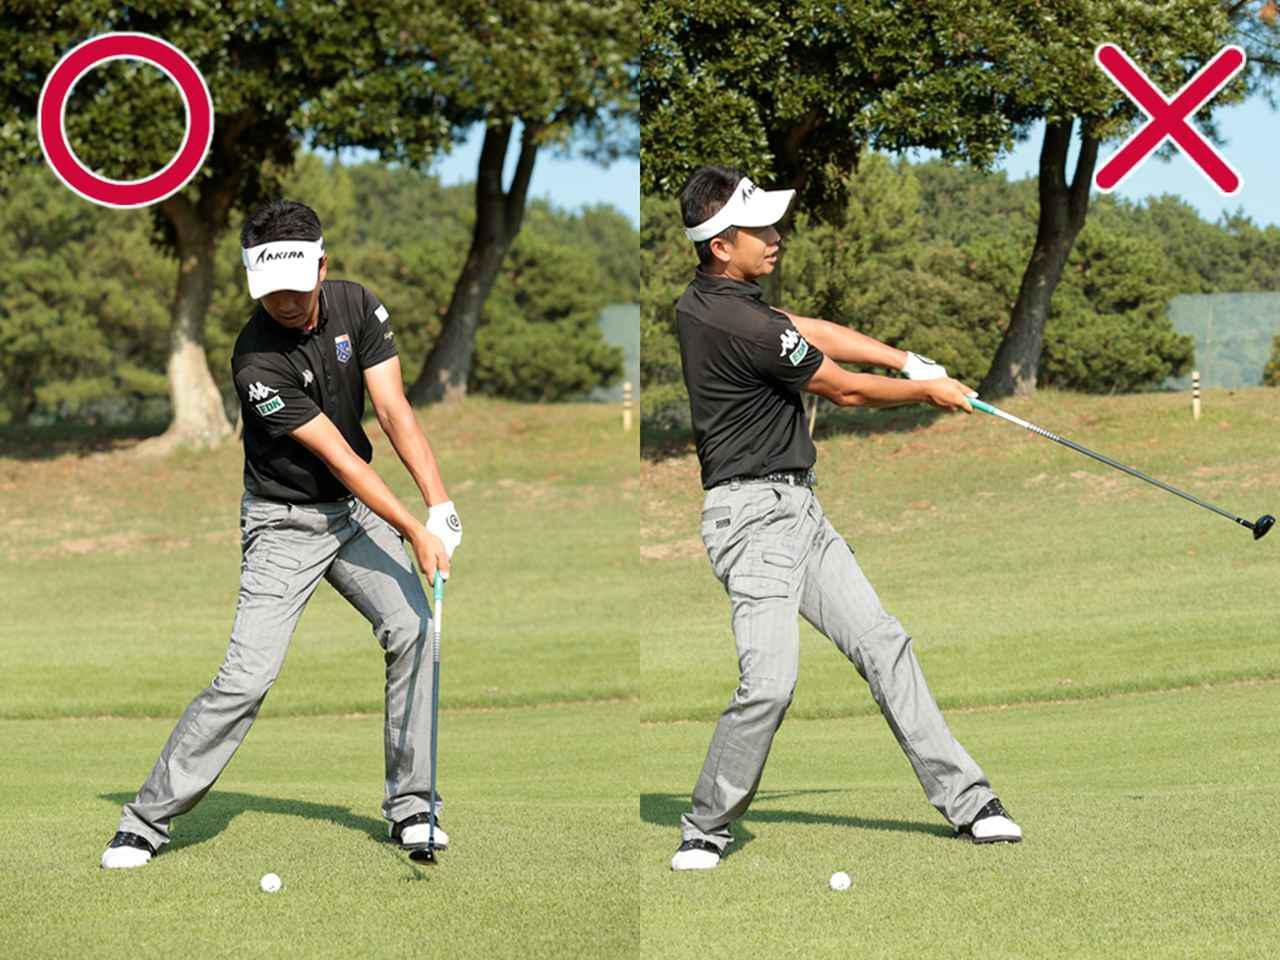 画像: 【スウィングのPOINT②】 右足を蹴って左足の上で回転